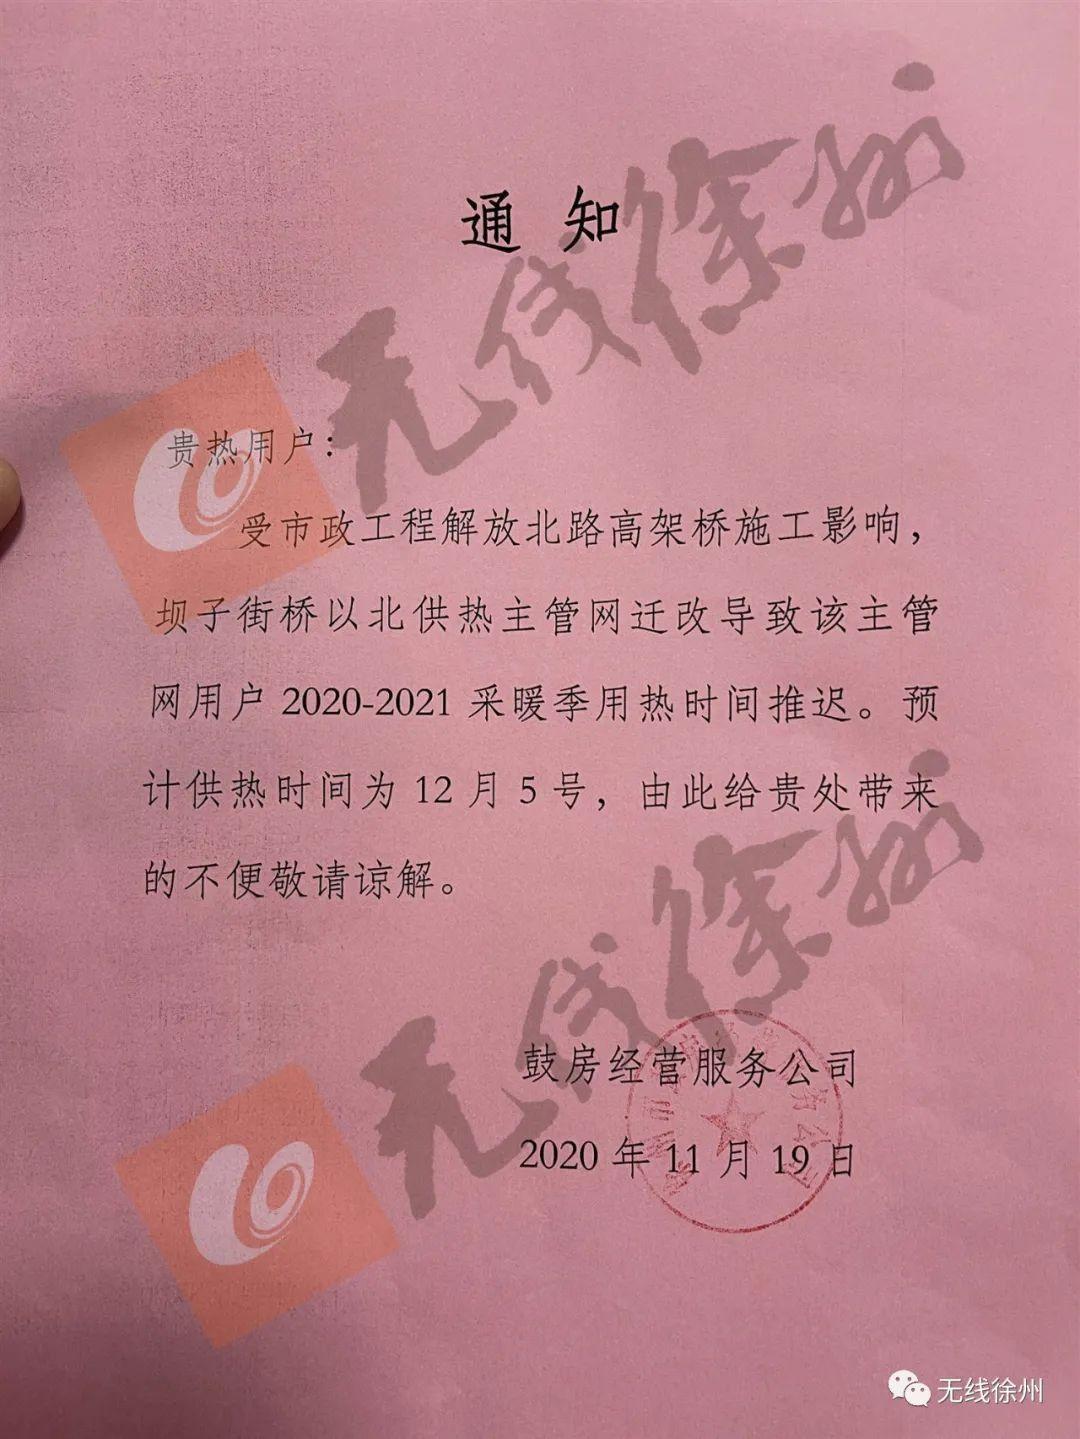 2021徐州供暖最新消息(更新中)